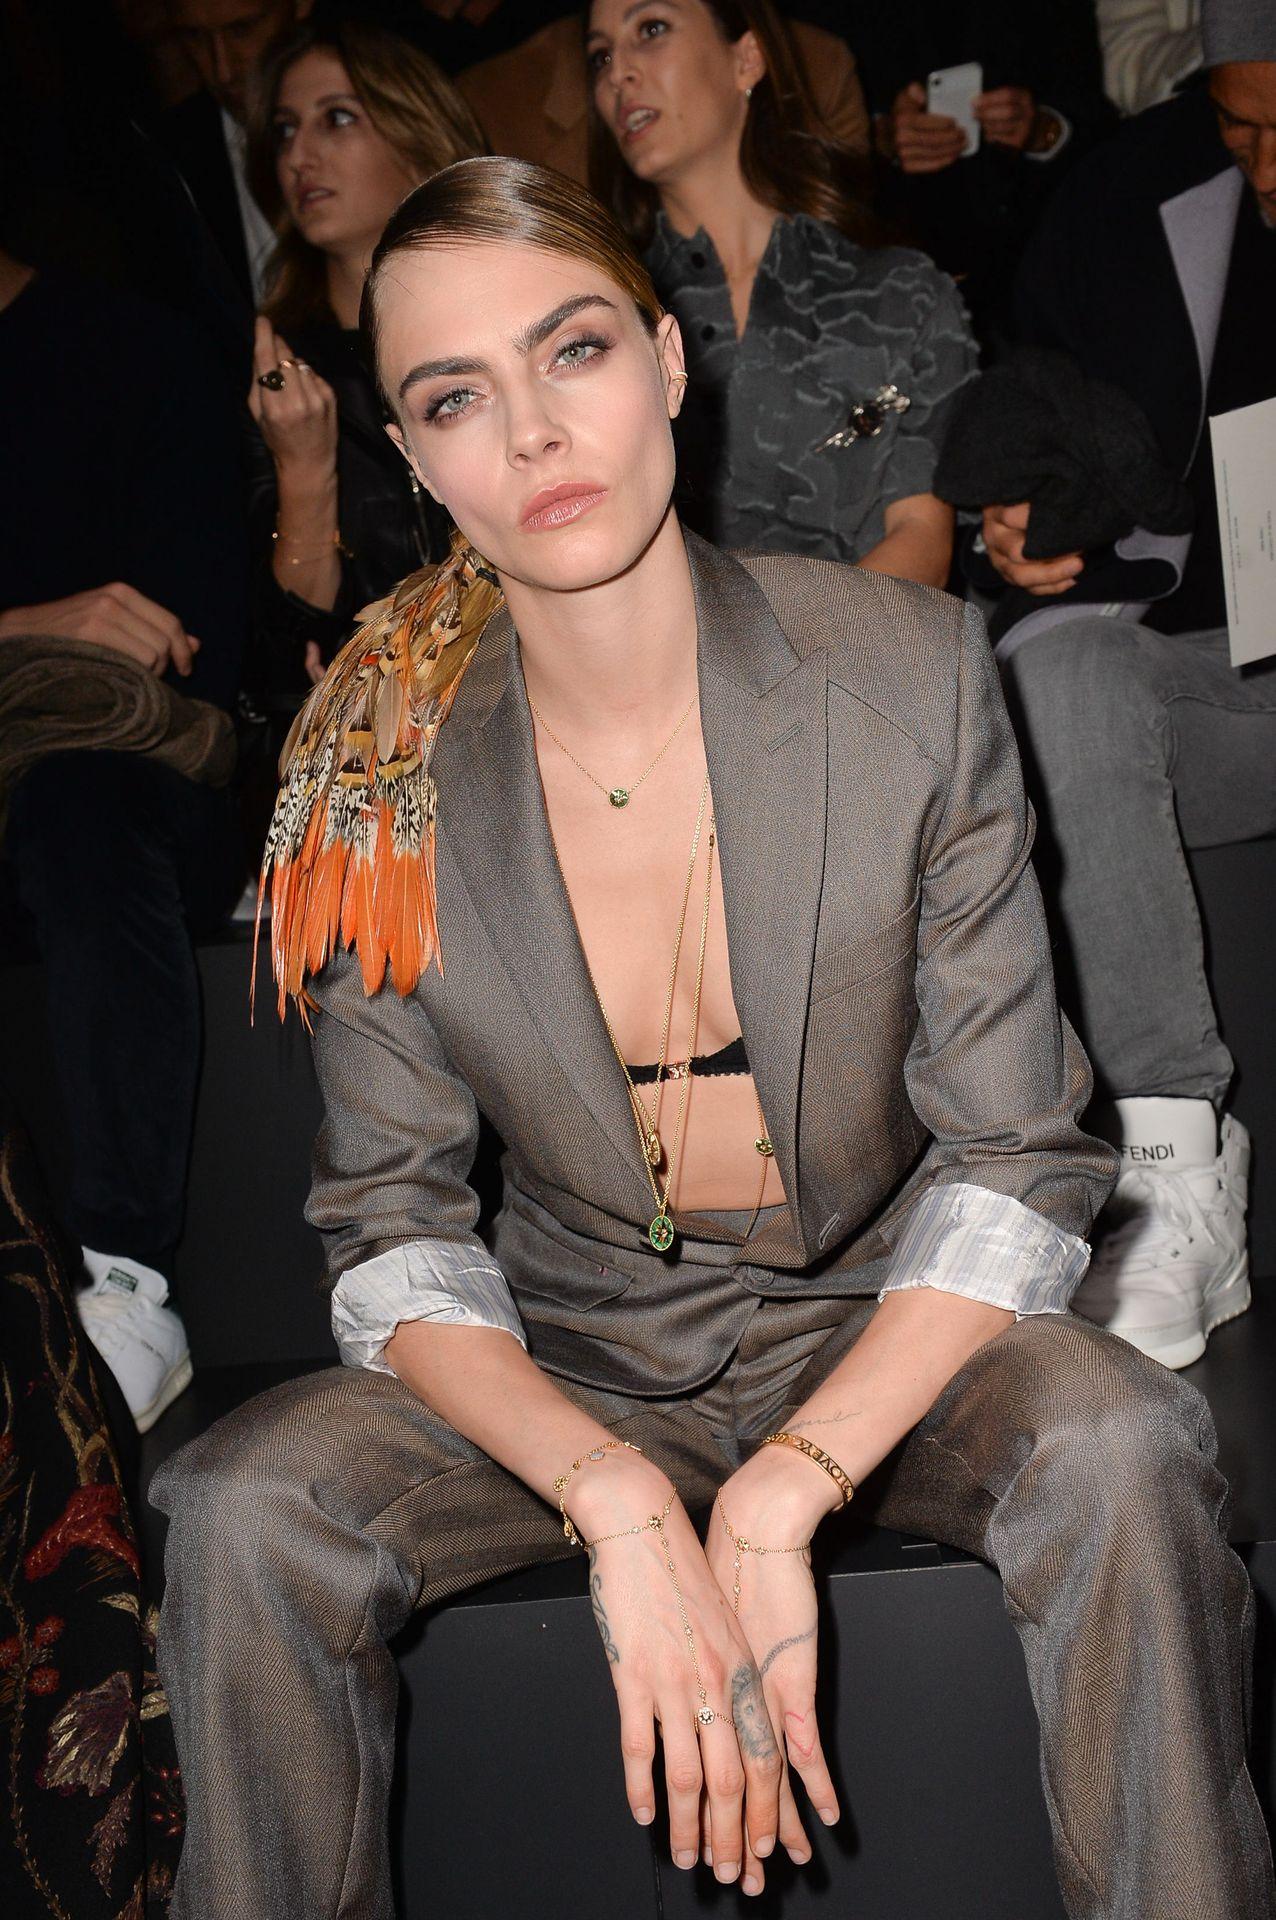 Cara Delevingne's Nipple Peek In A Bra 0012